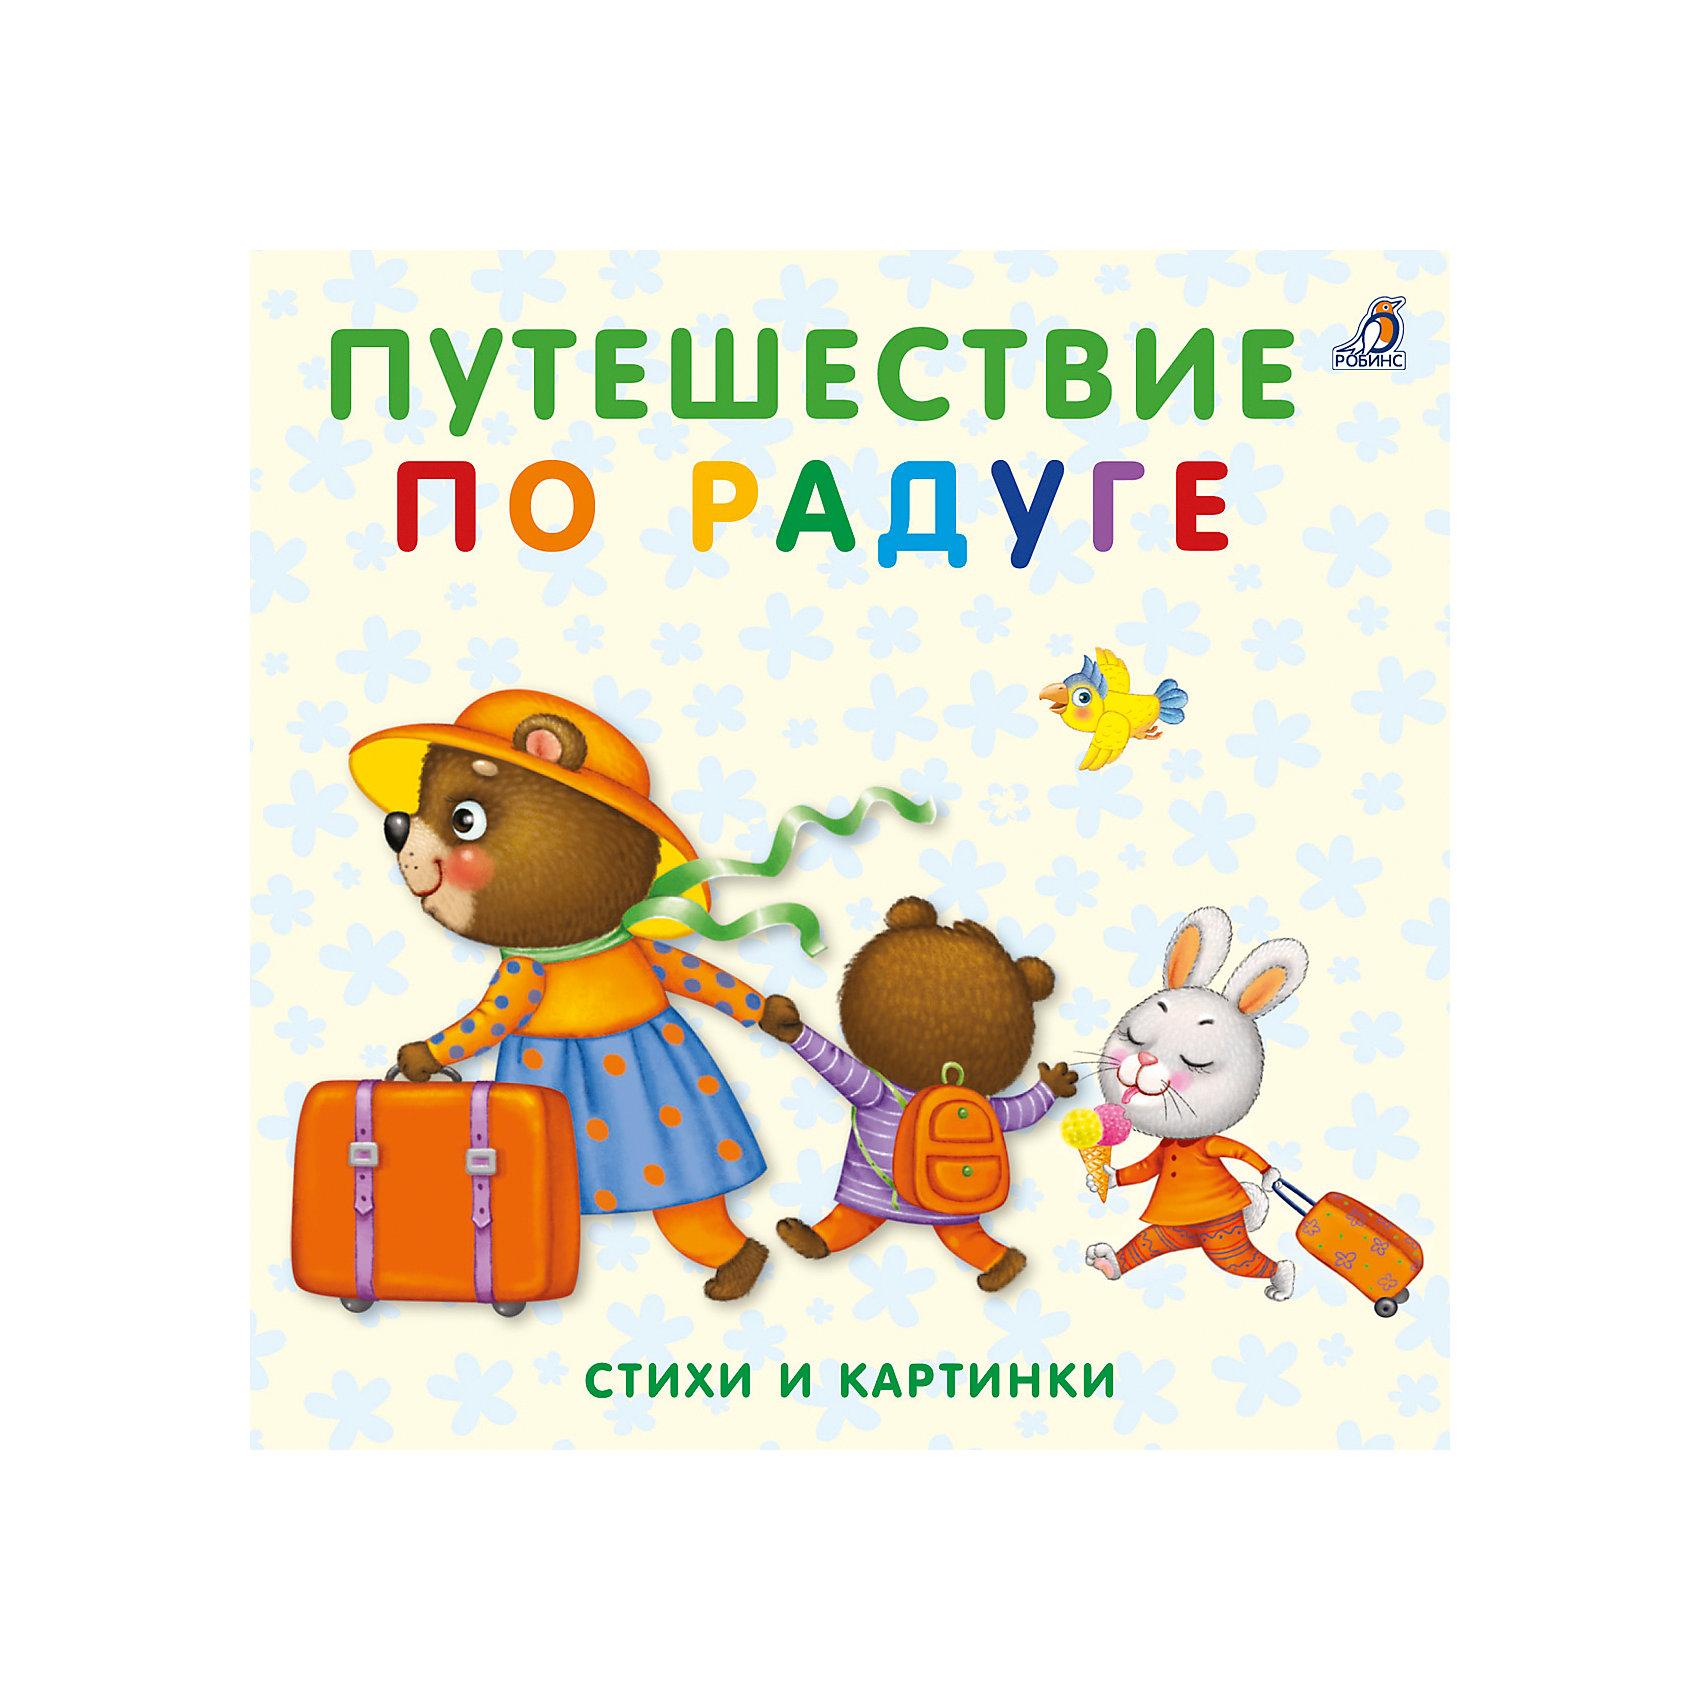 Книжки-картонки Путешествие по радугеПервые книги малыша<br>Это настоящий подарок для любопытного и любознательного малыша.<br>На каждой страничке книжки ваш ребёнок найдёт добрые стихи и забавные картинки о всех цветах радуги. <br>Играя с книжкой, он будет развивать мелкую моторику и зрение, тренировать память, внимание и мышление. <br>С этой книжкой малыш весело проведёт время и пополнит свой первый словарный запас, расширит кругозор, повысит свою эмоциональную активность.<br><br>Ширина мм: 140<br>Глубина мм: 120<br>Высота мм: 13<br>Вес г: 140<br>Возраст от месяцев: 12<br>Возраст до месяцев: 60<br>Пол: Унисекс<br>Возраст: Детский<br>SKU: 5034137